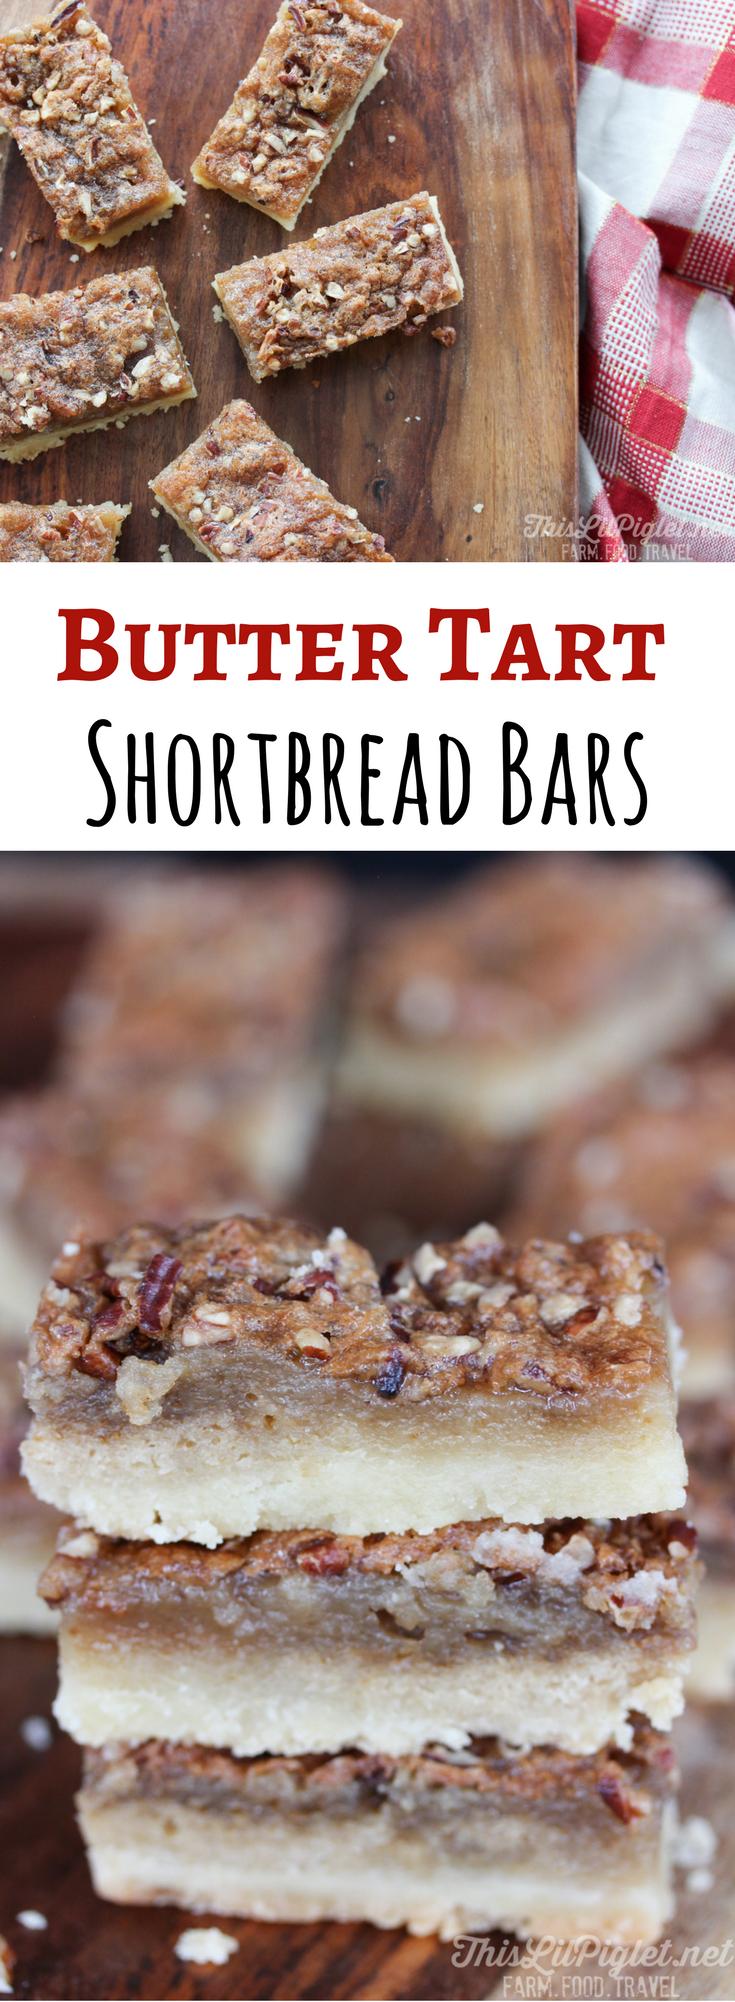 Christmas Desserts Pinterest.Butter Tart Shortbread Bars